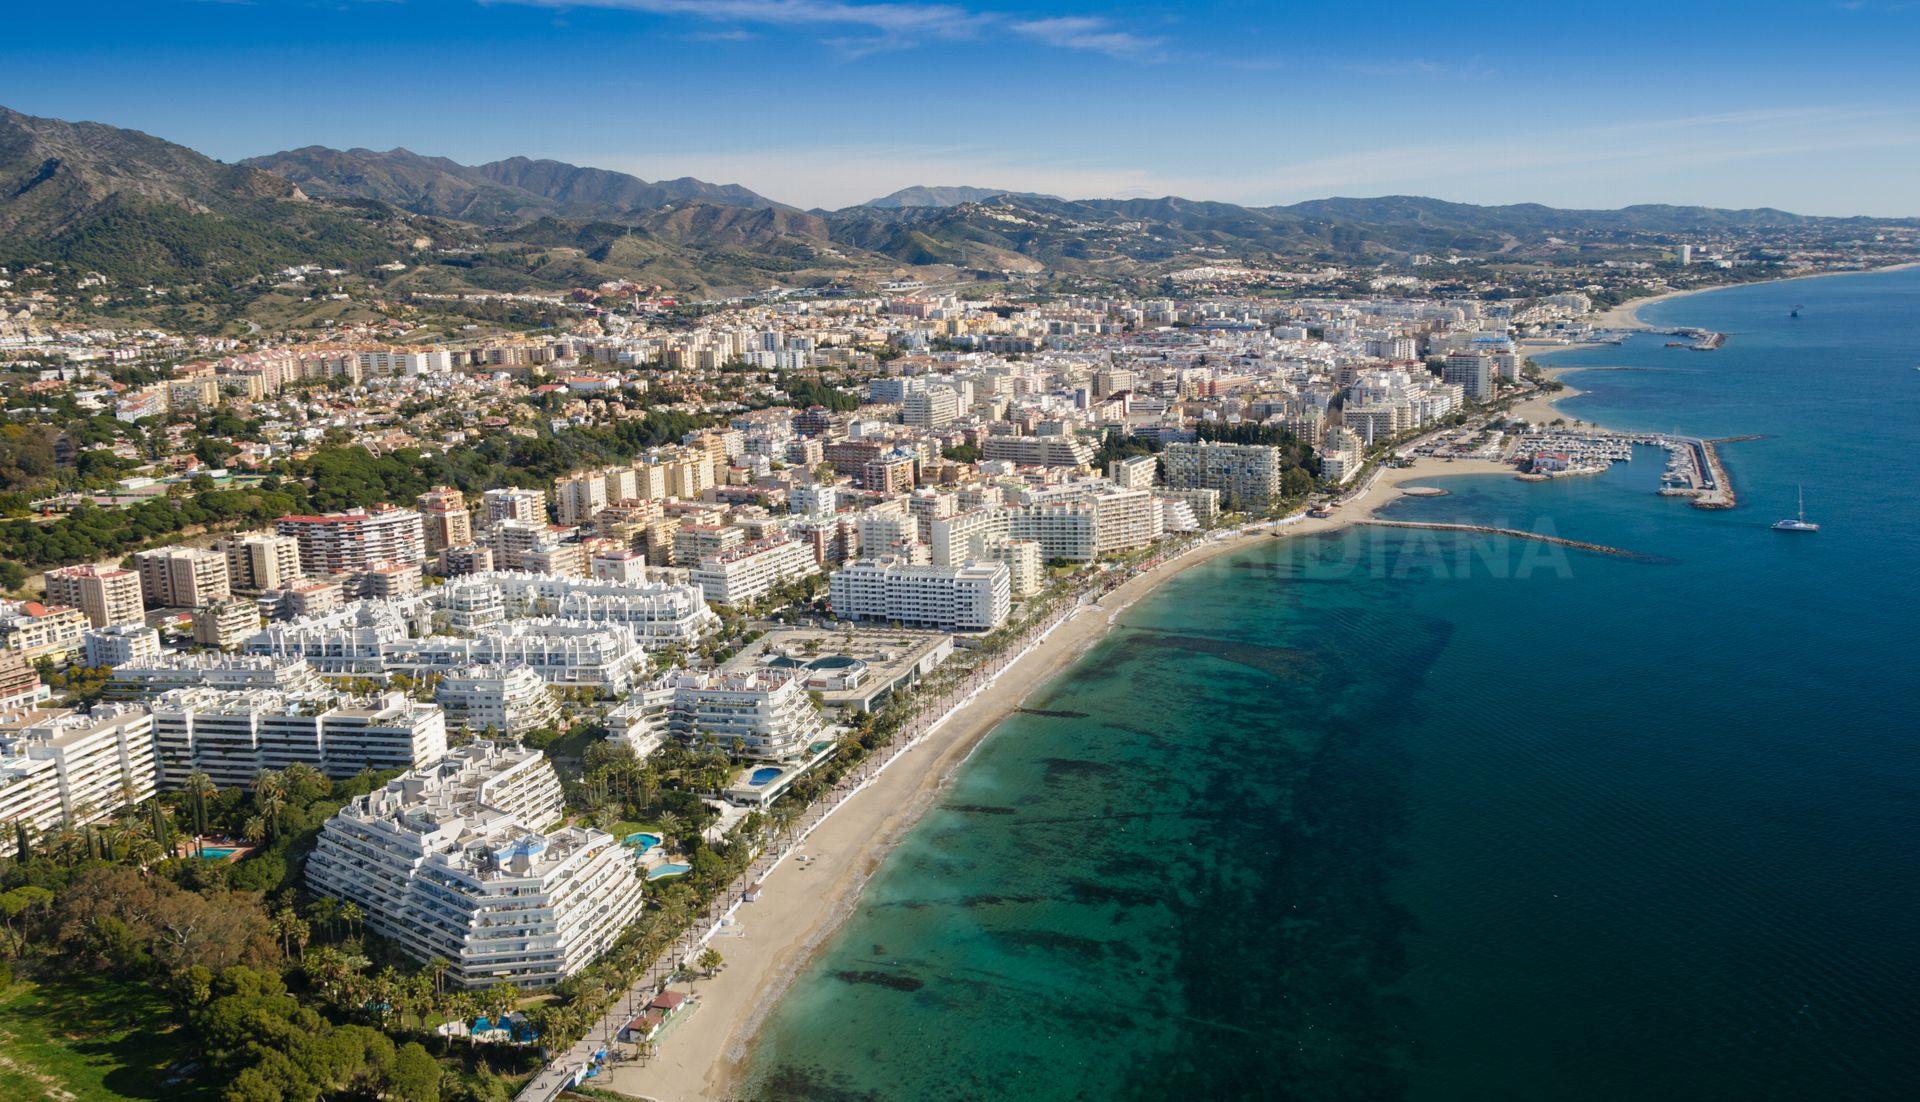 La maire de Marbella lance un plan de réactivation: Relancer Marbella